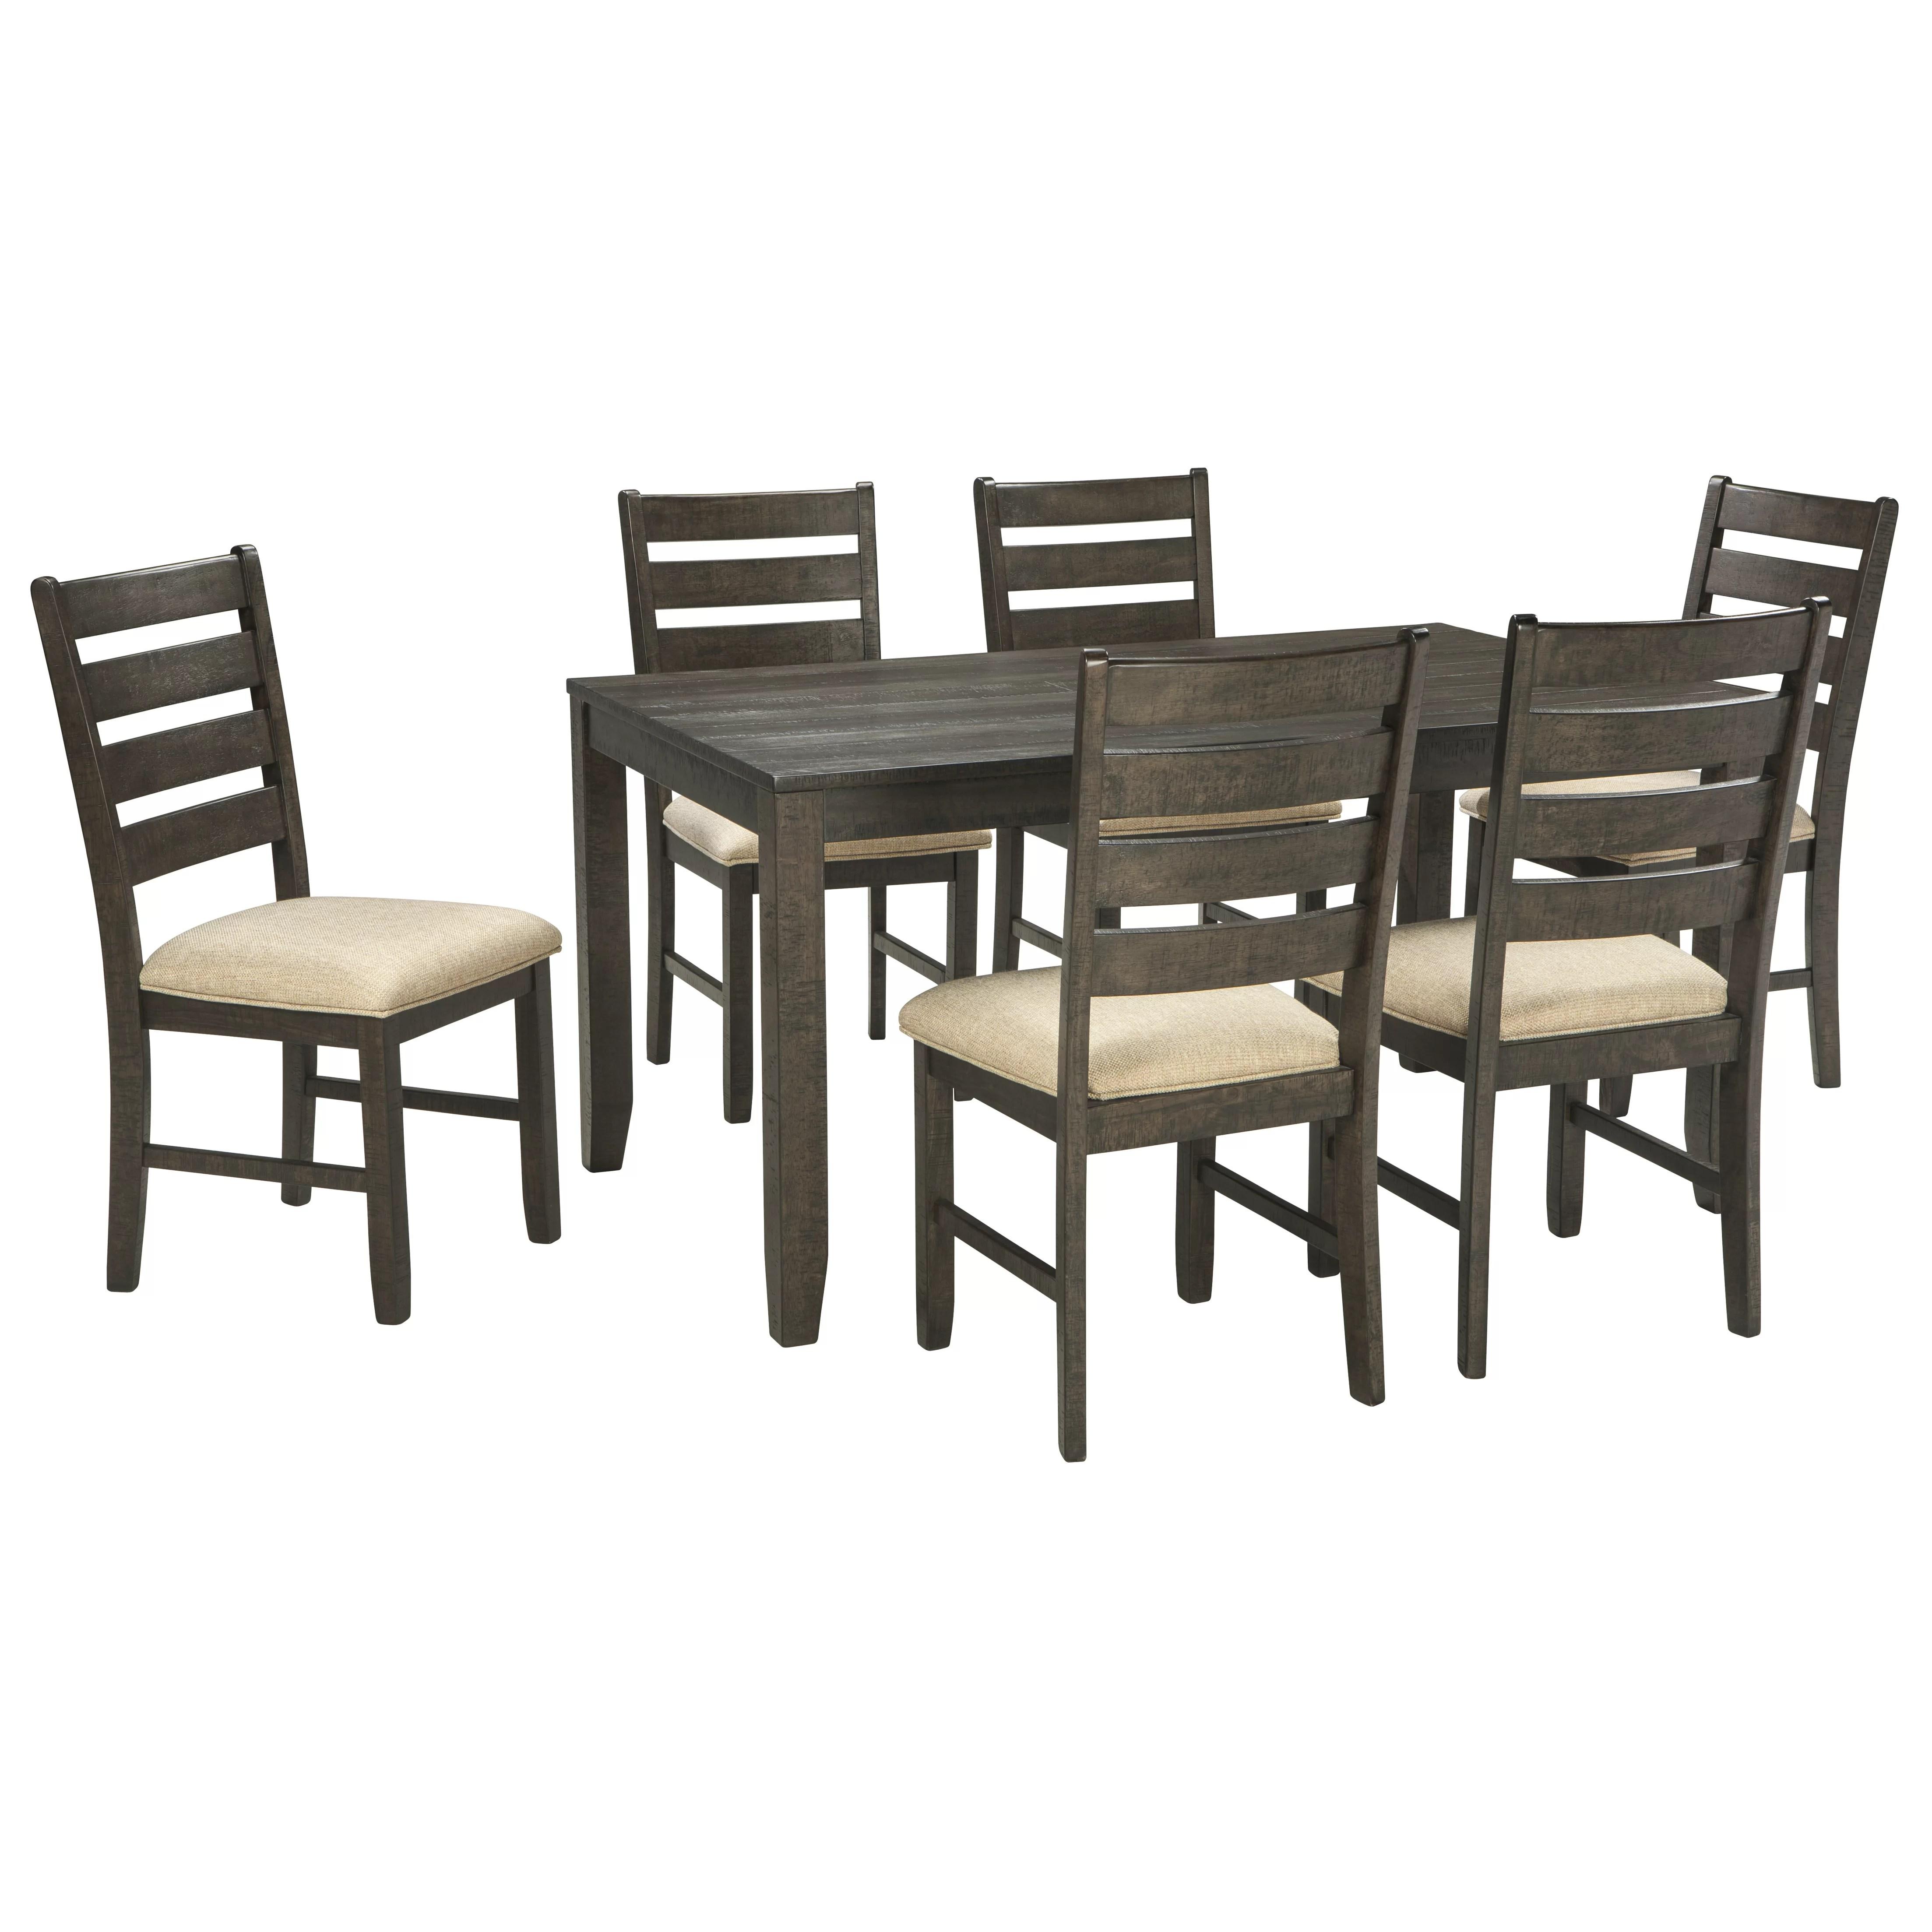 Wayfair 5 Piece Dining Set